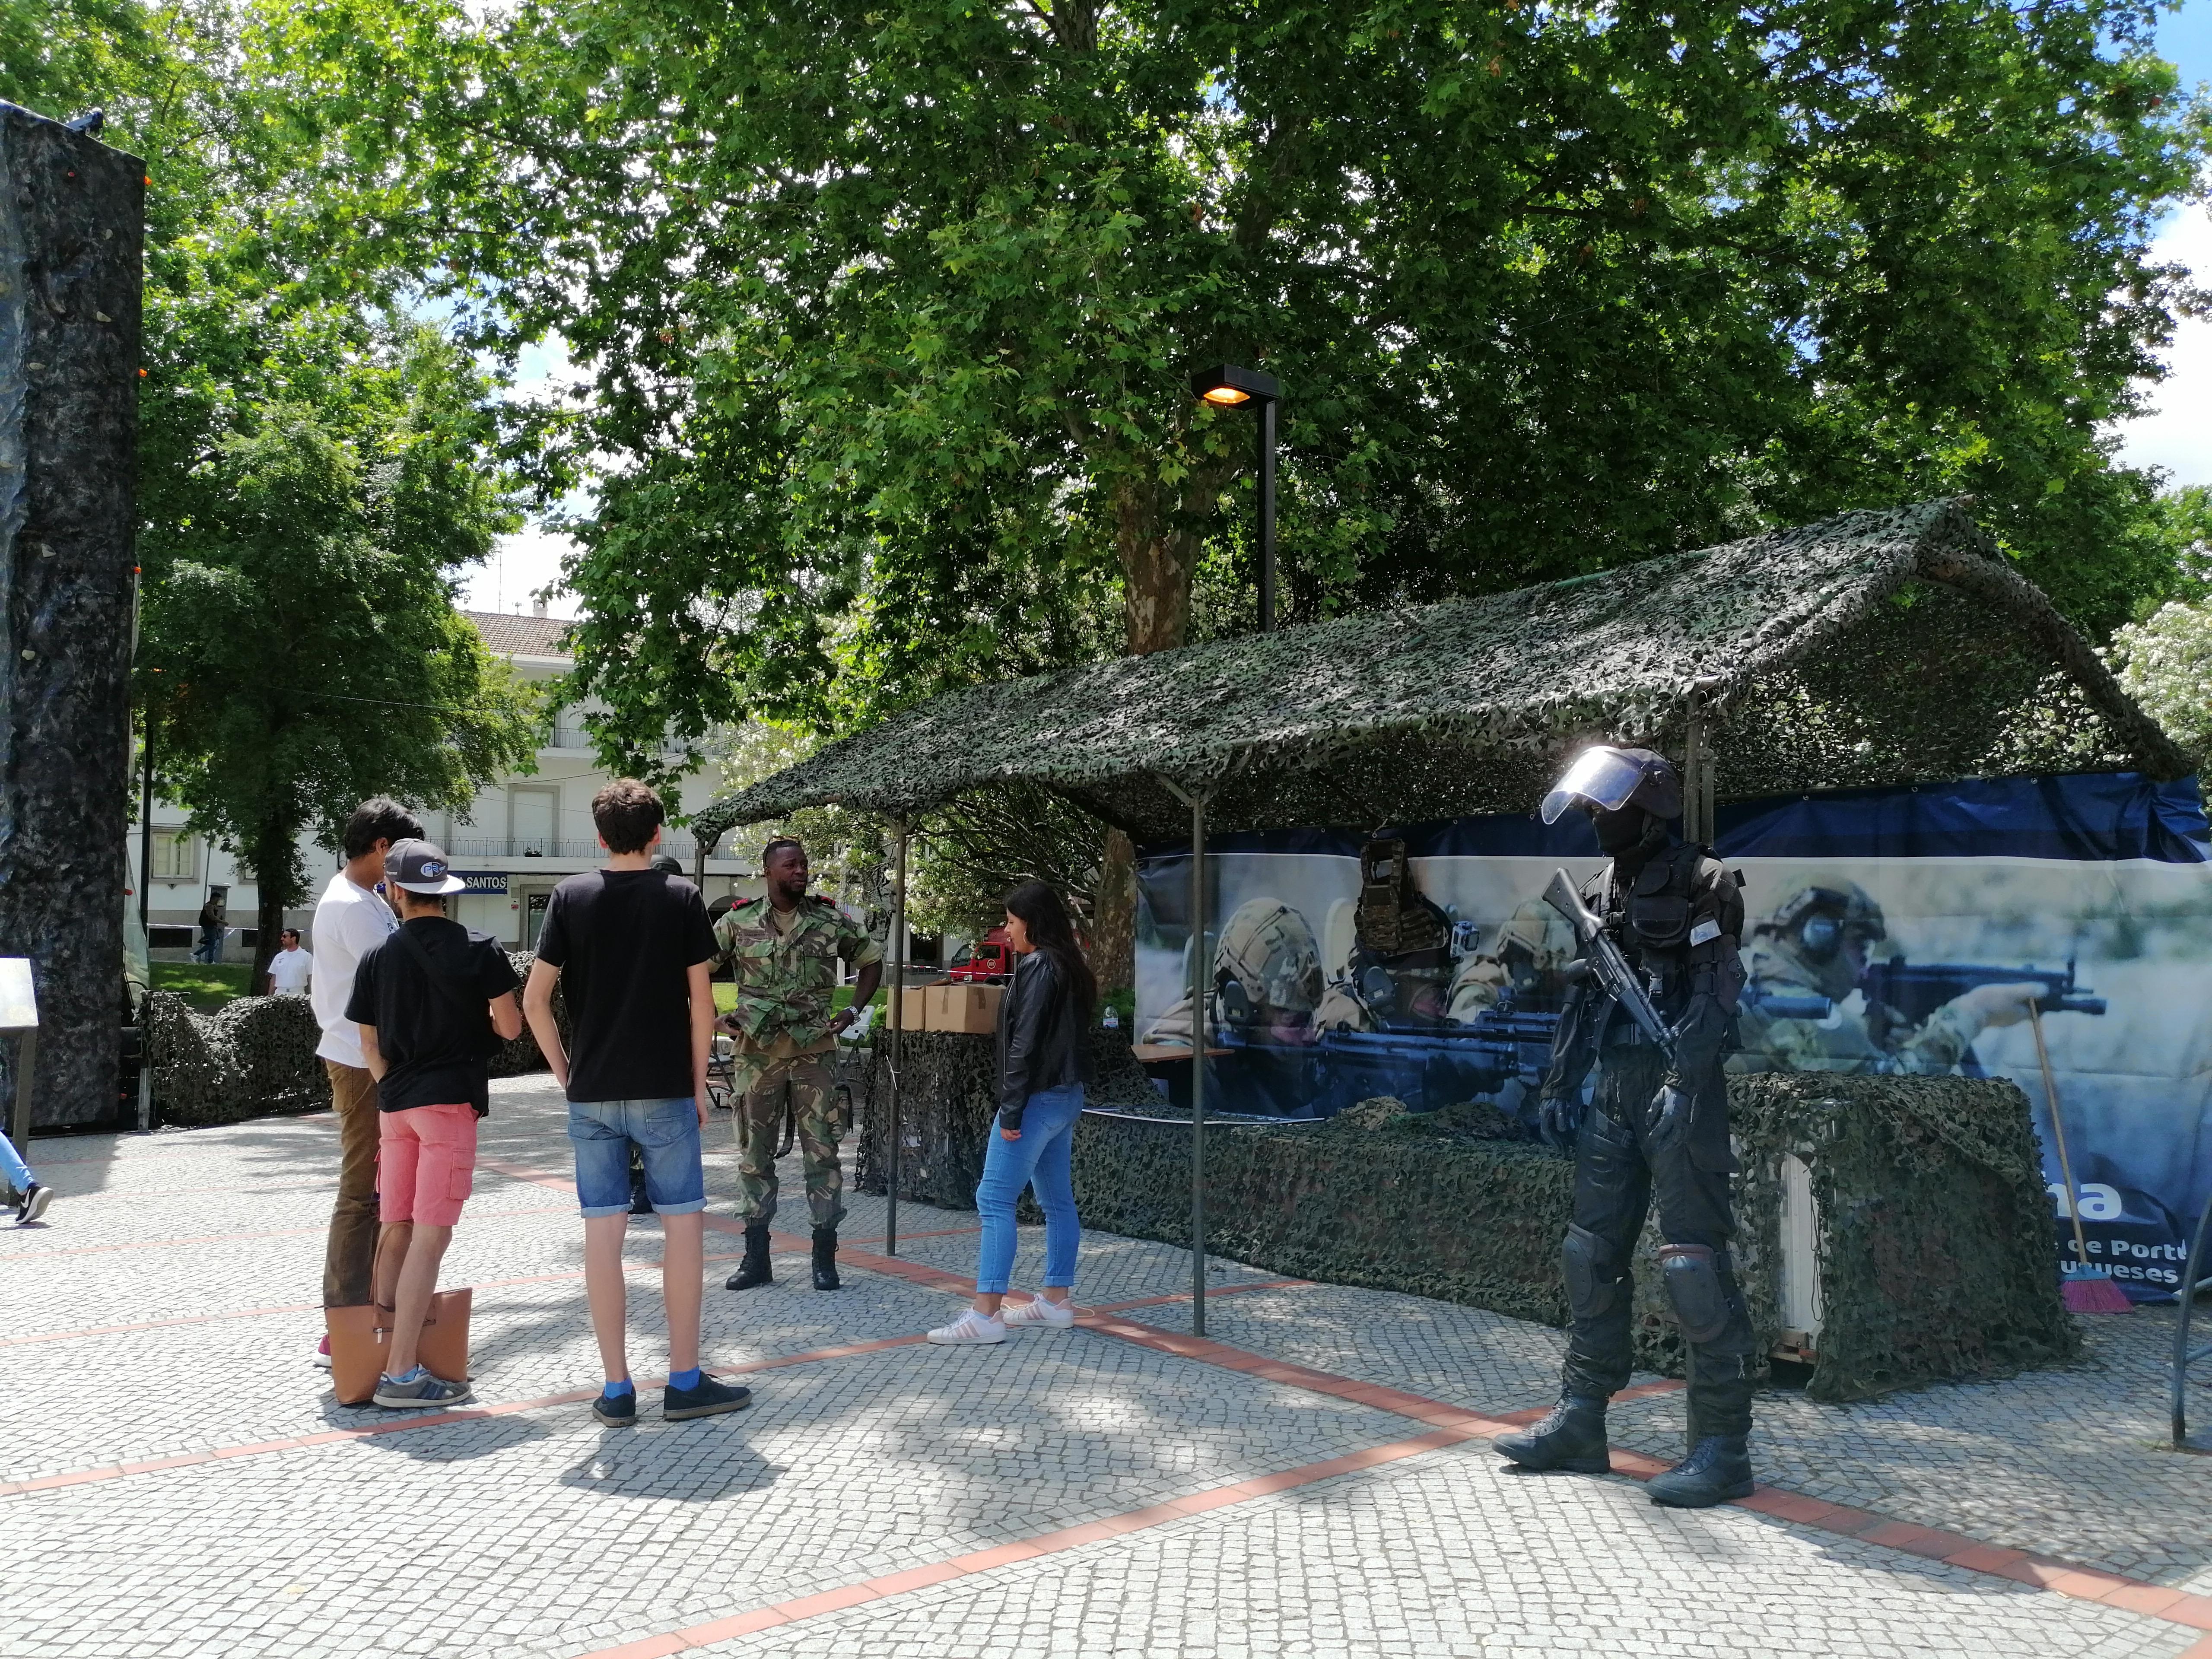 Portalegre prepara-se para as comemorações oficiais do 10 de junho - Fotogaleria 2